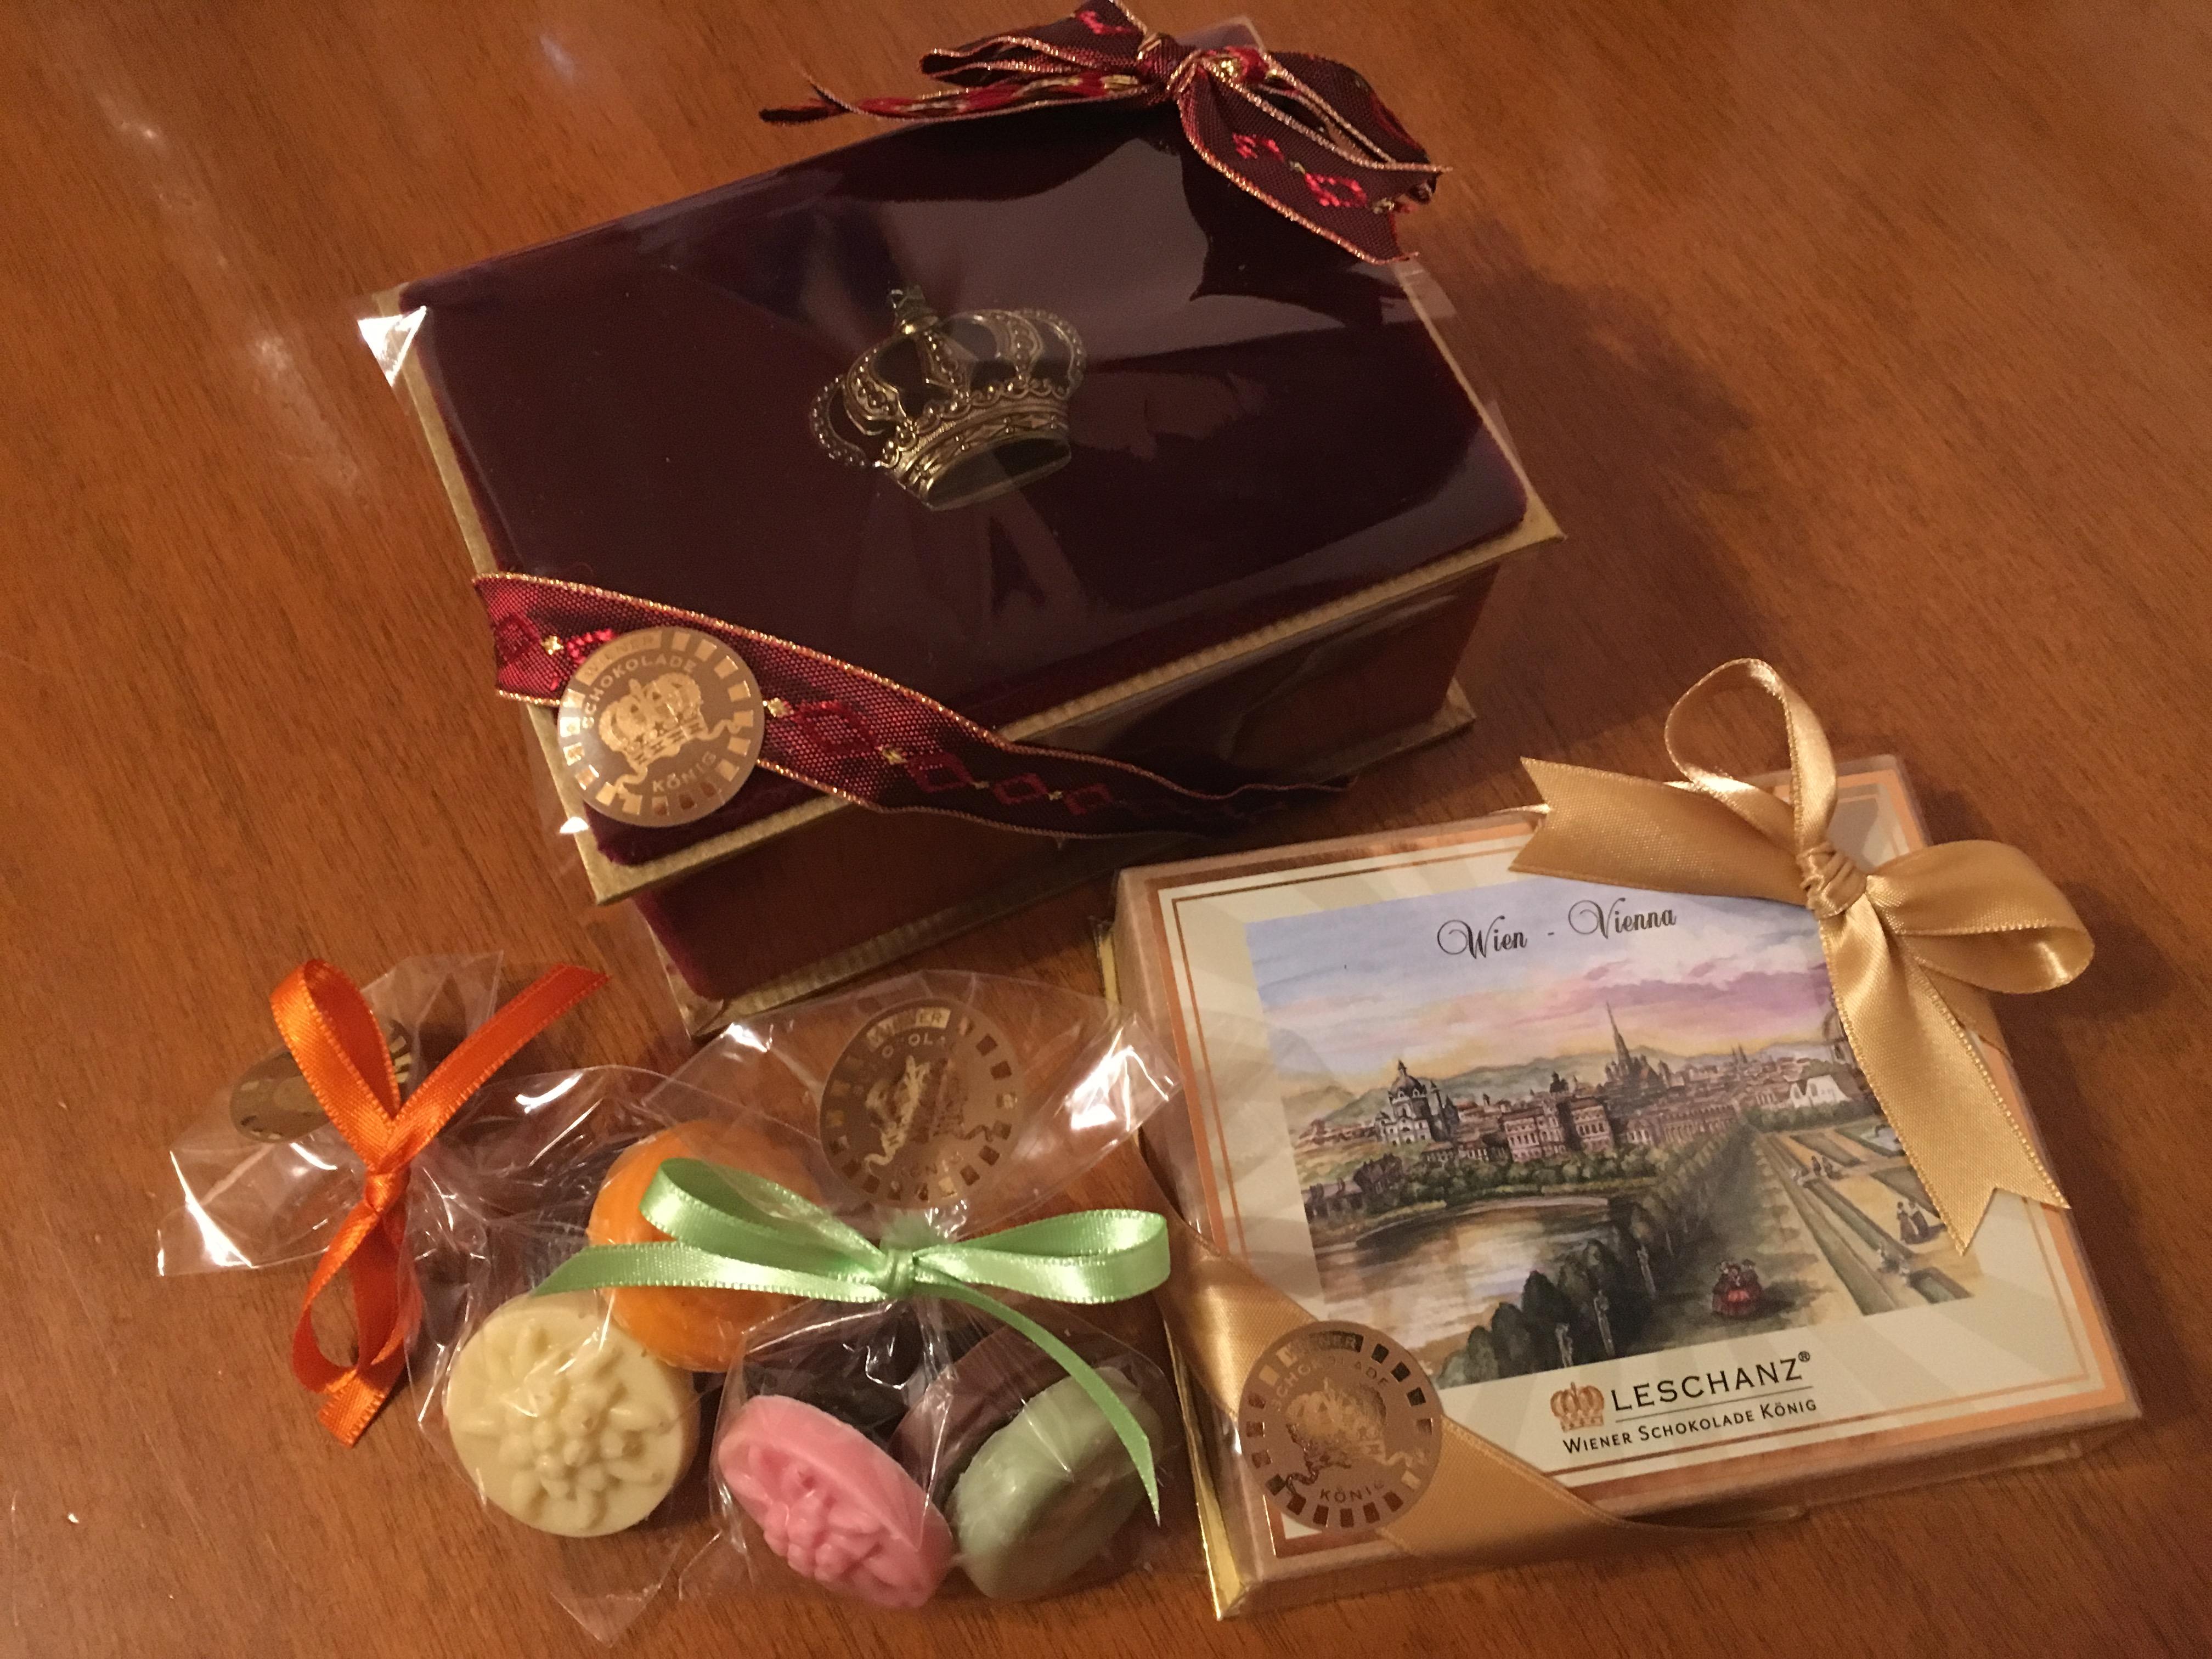 「ボタンチョコ」が人気!ウィーンのチョコレート店「LESCHANZ」でおみやげ購入